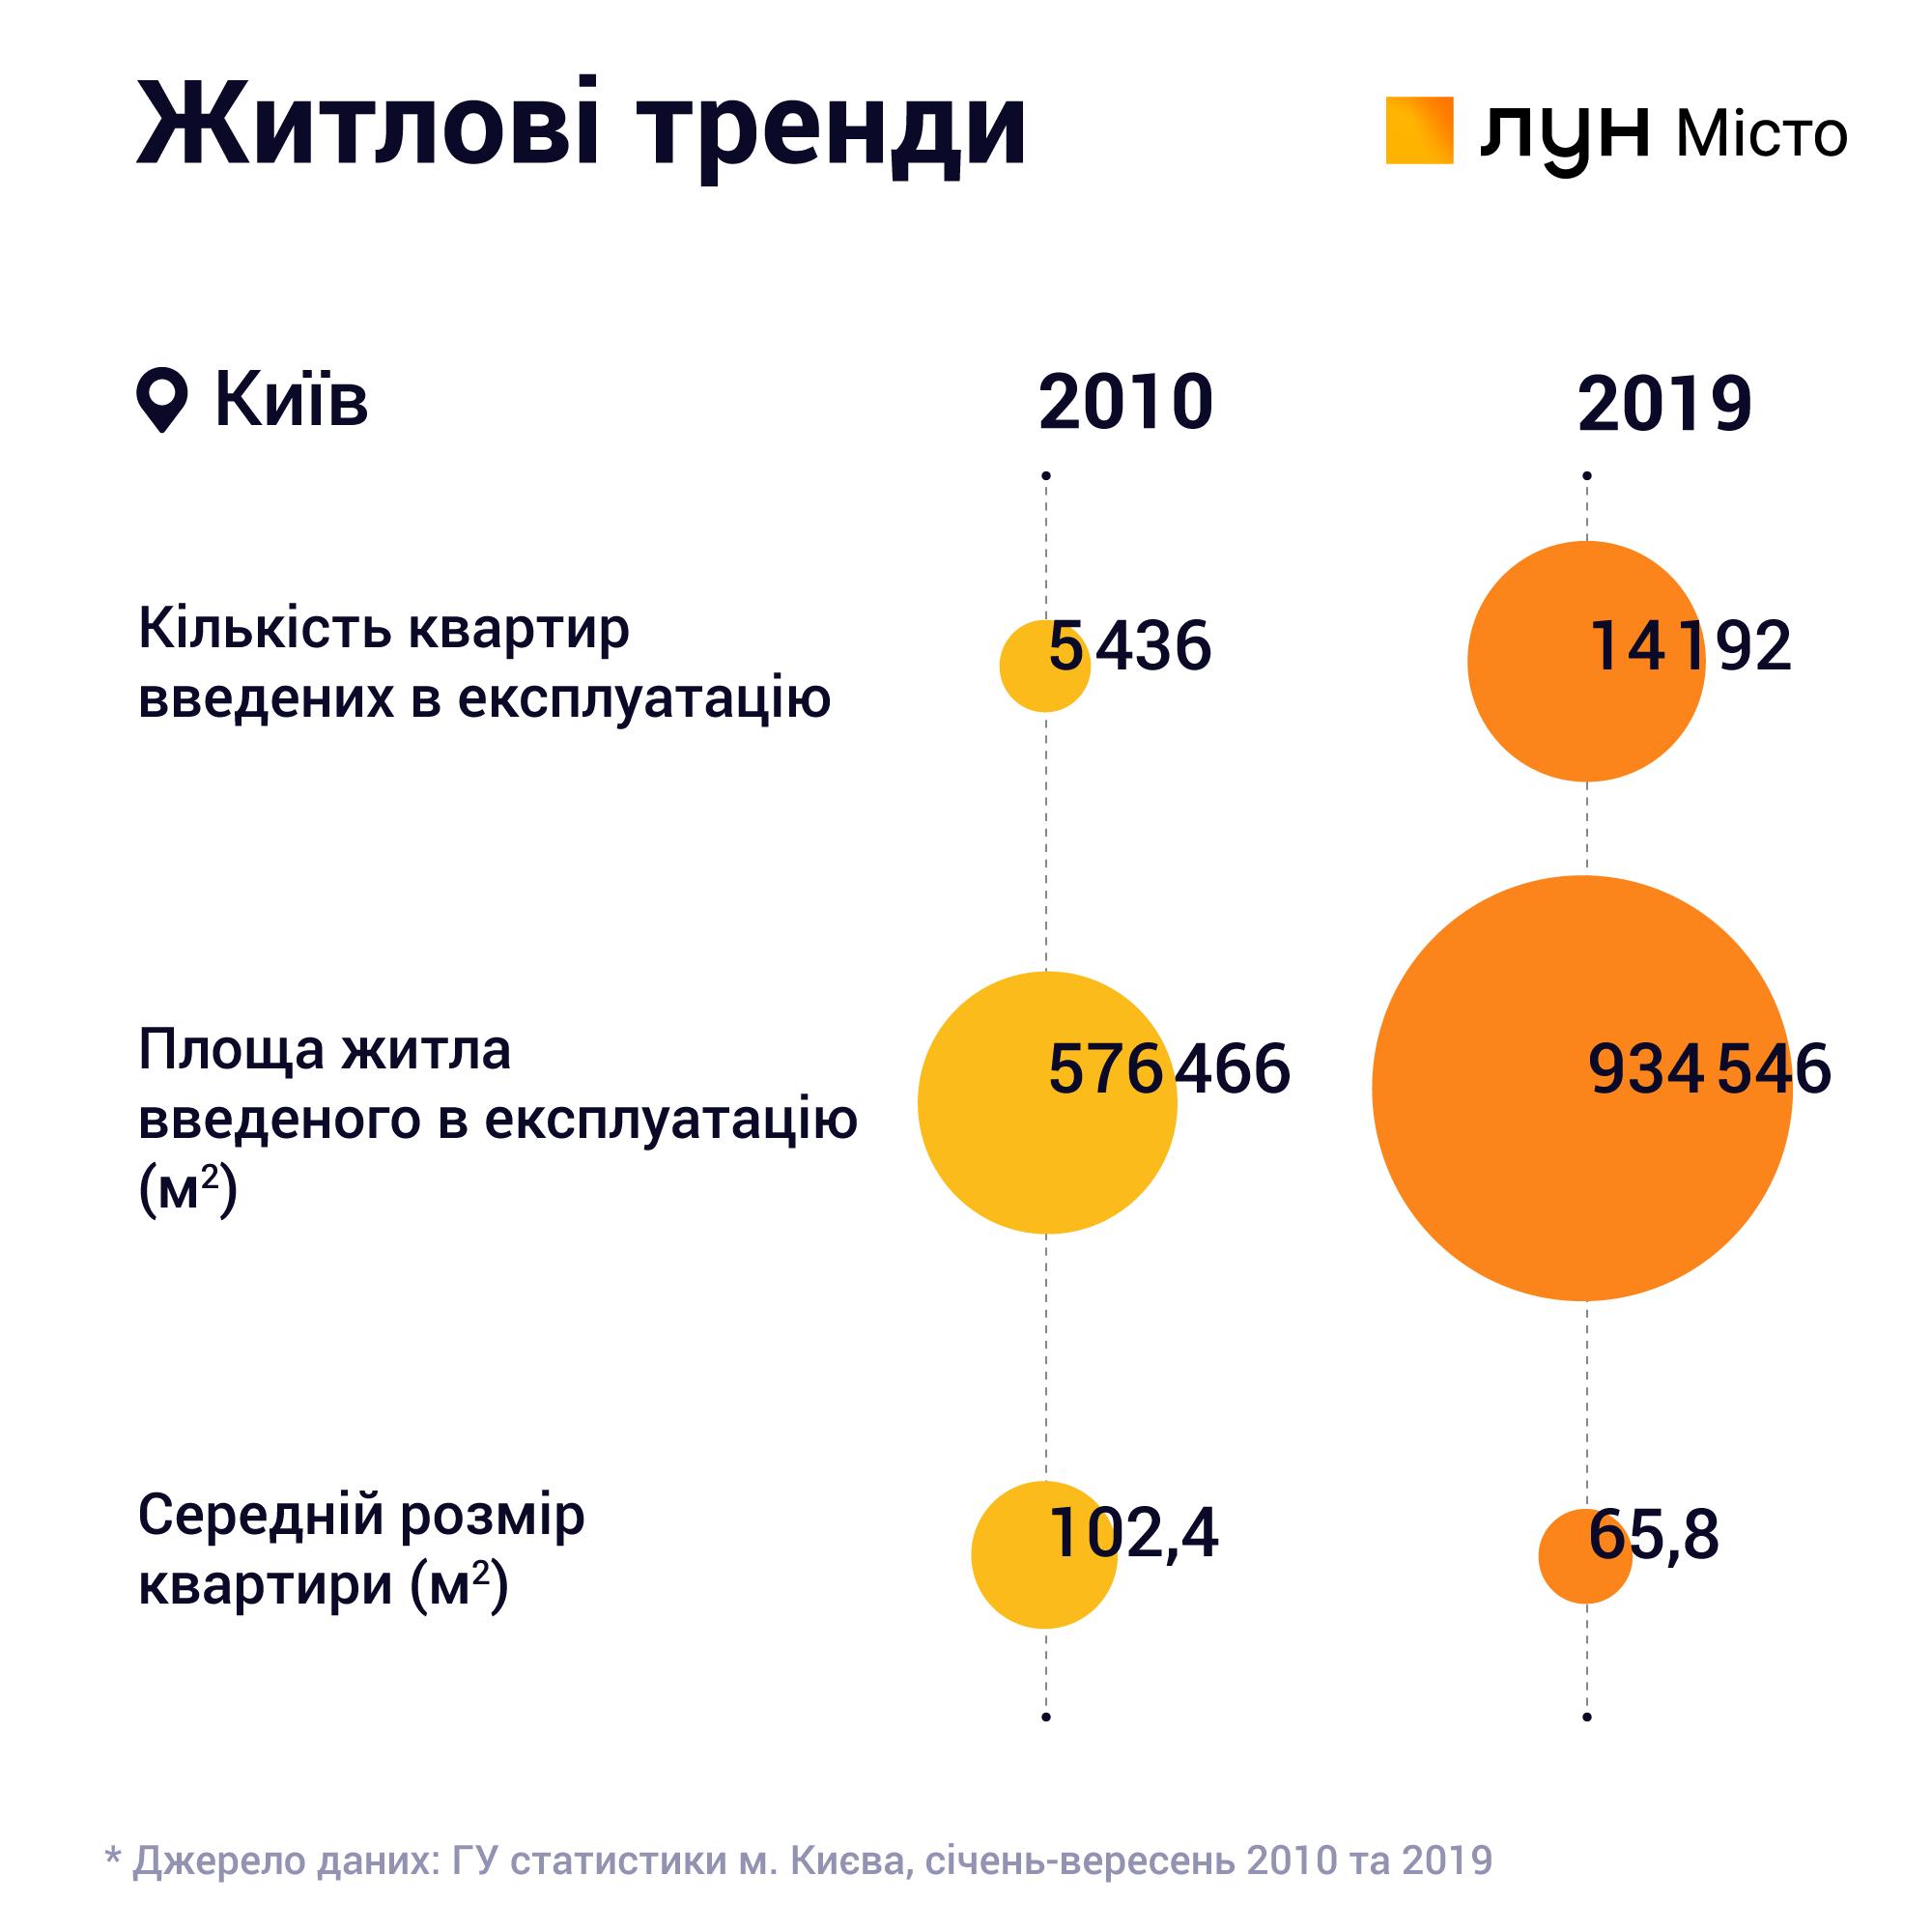 Итоги рынка недвижимости 2019 года жилищные тренды 2010-2019